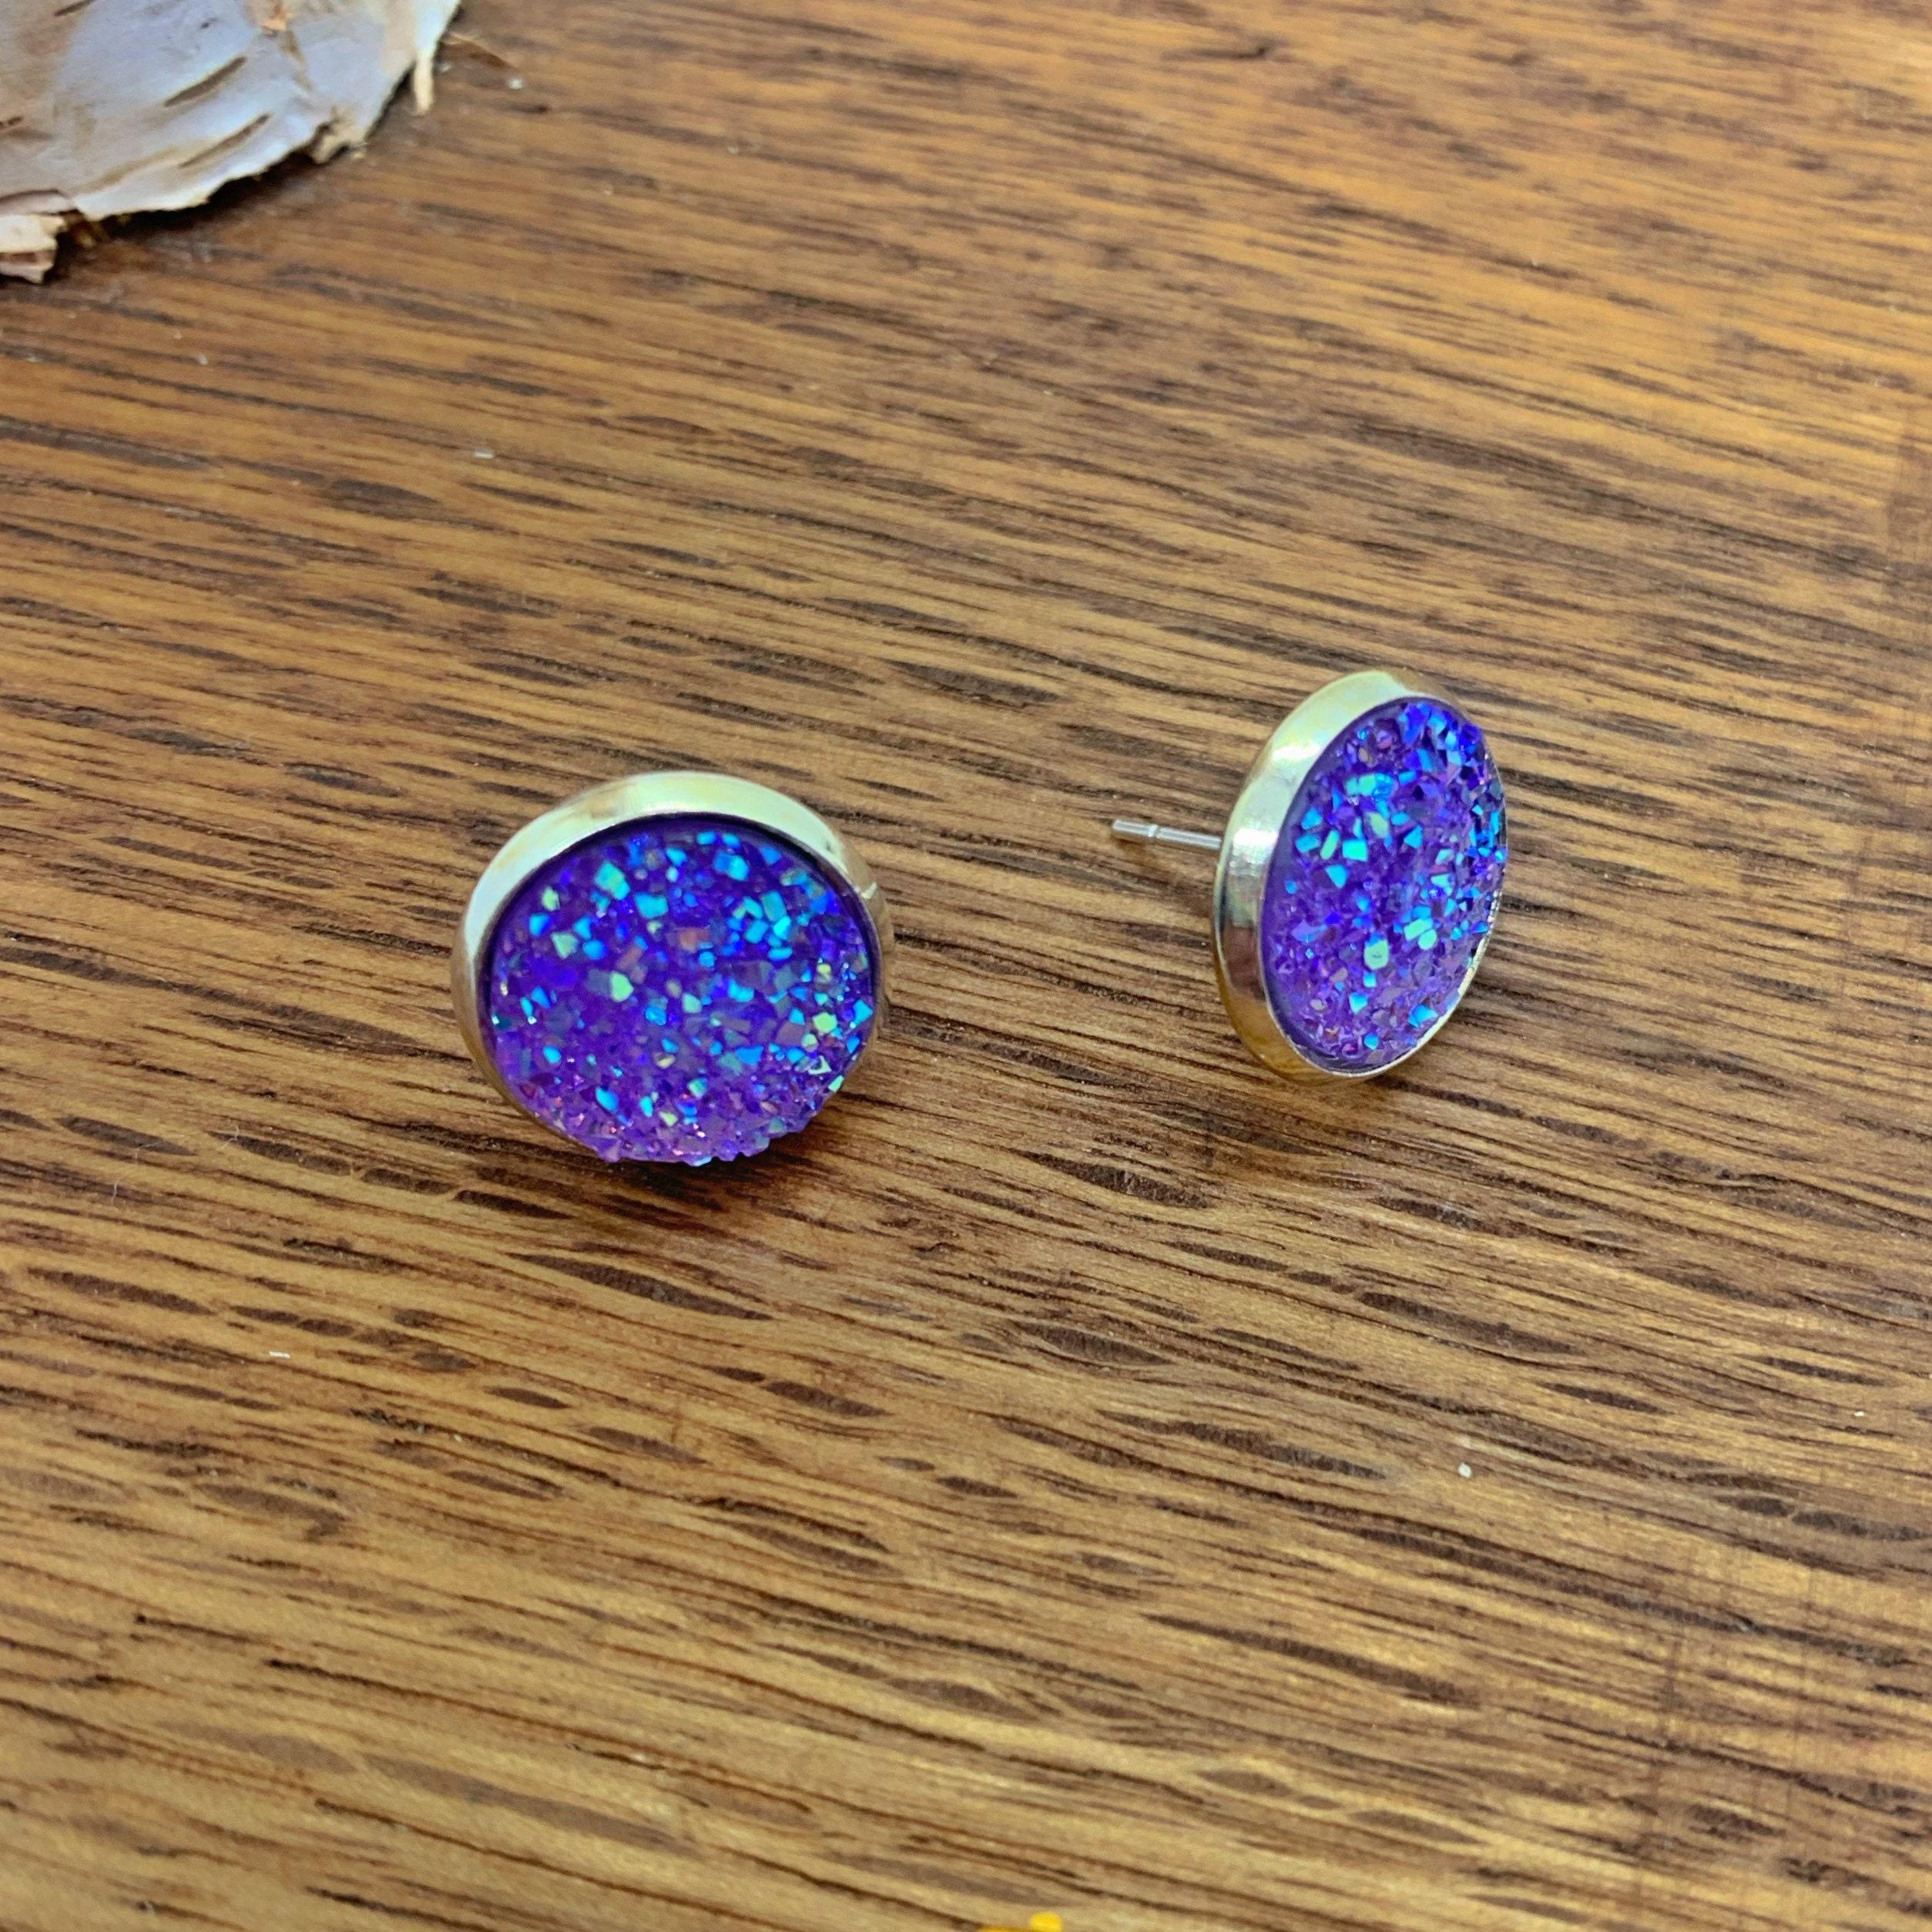 Purple druzy earrings 12mm stud